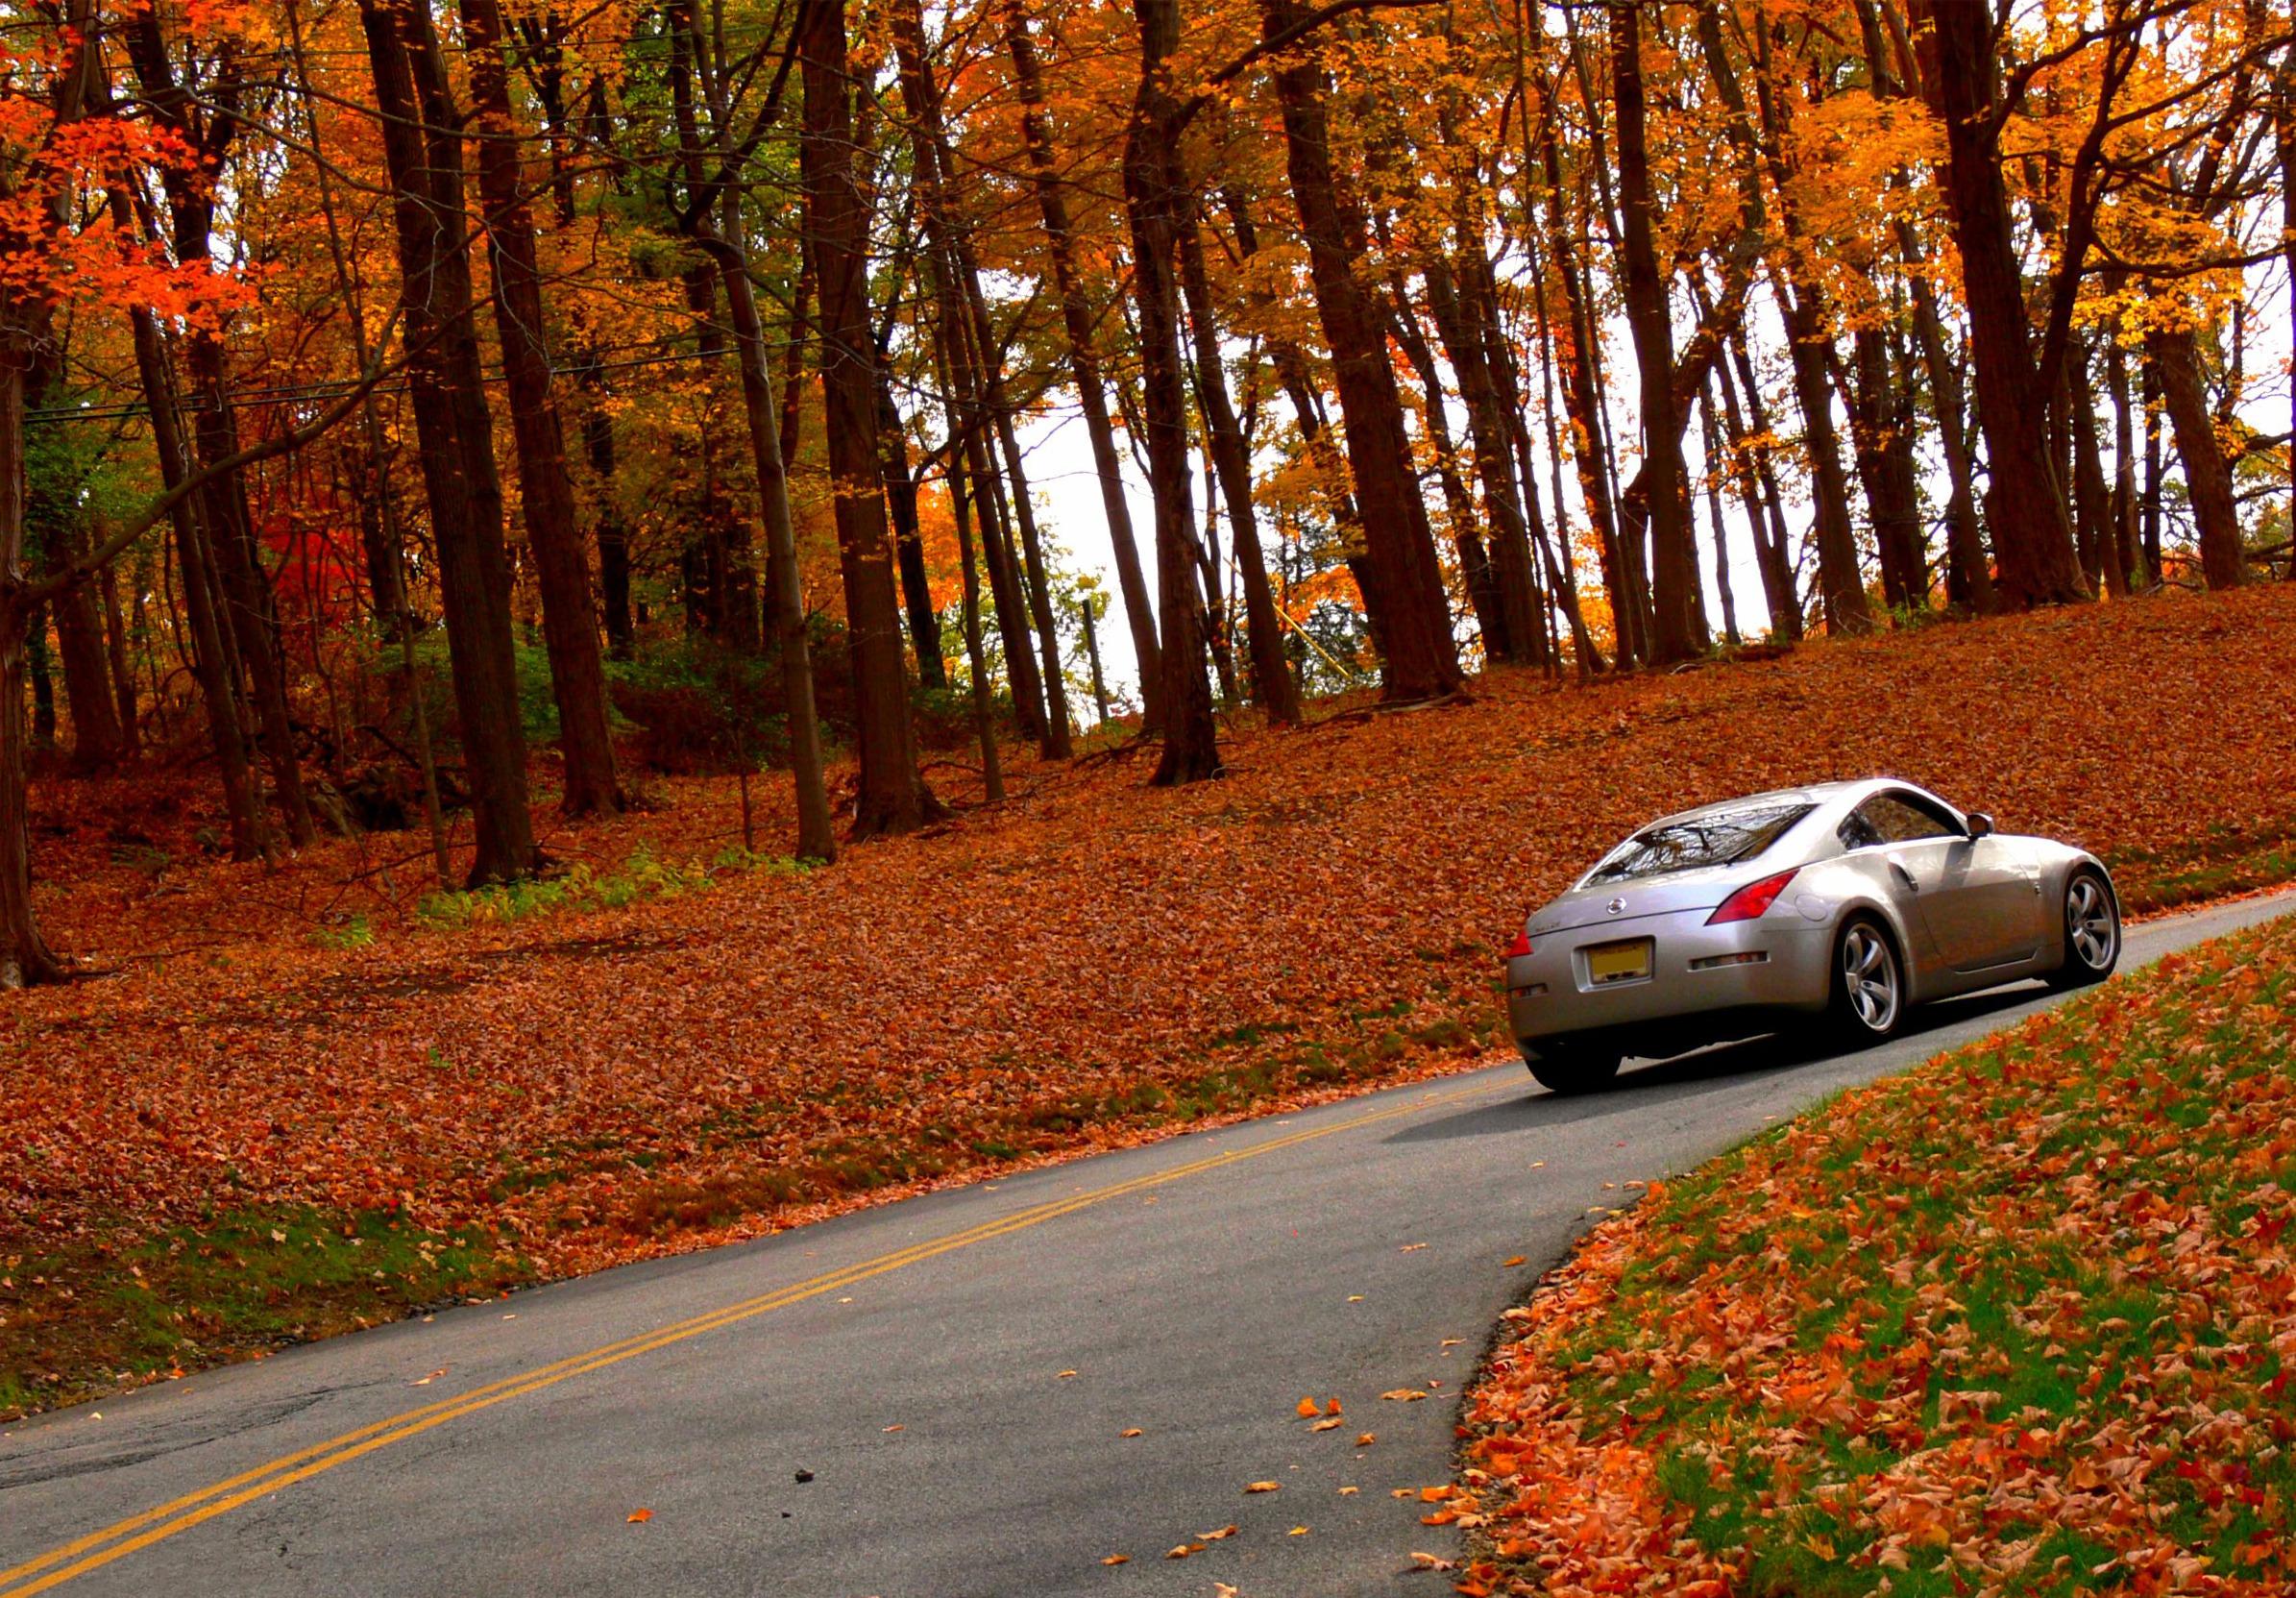 автомобиль осень лес дорога  № 3771436 загрузить